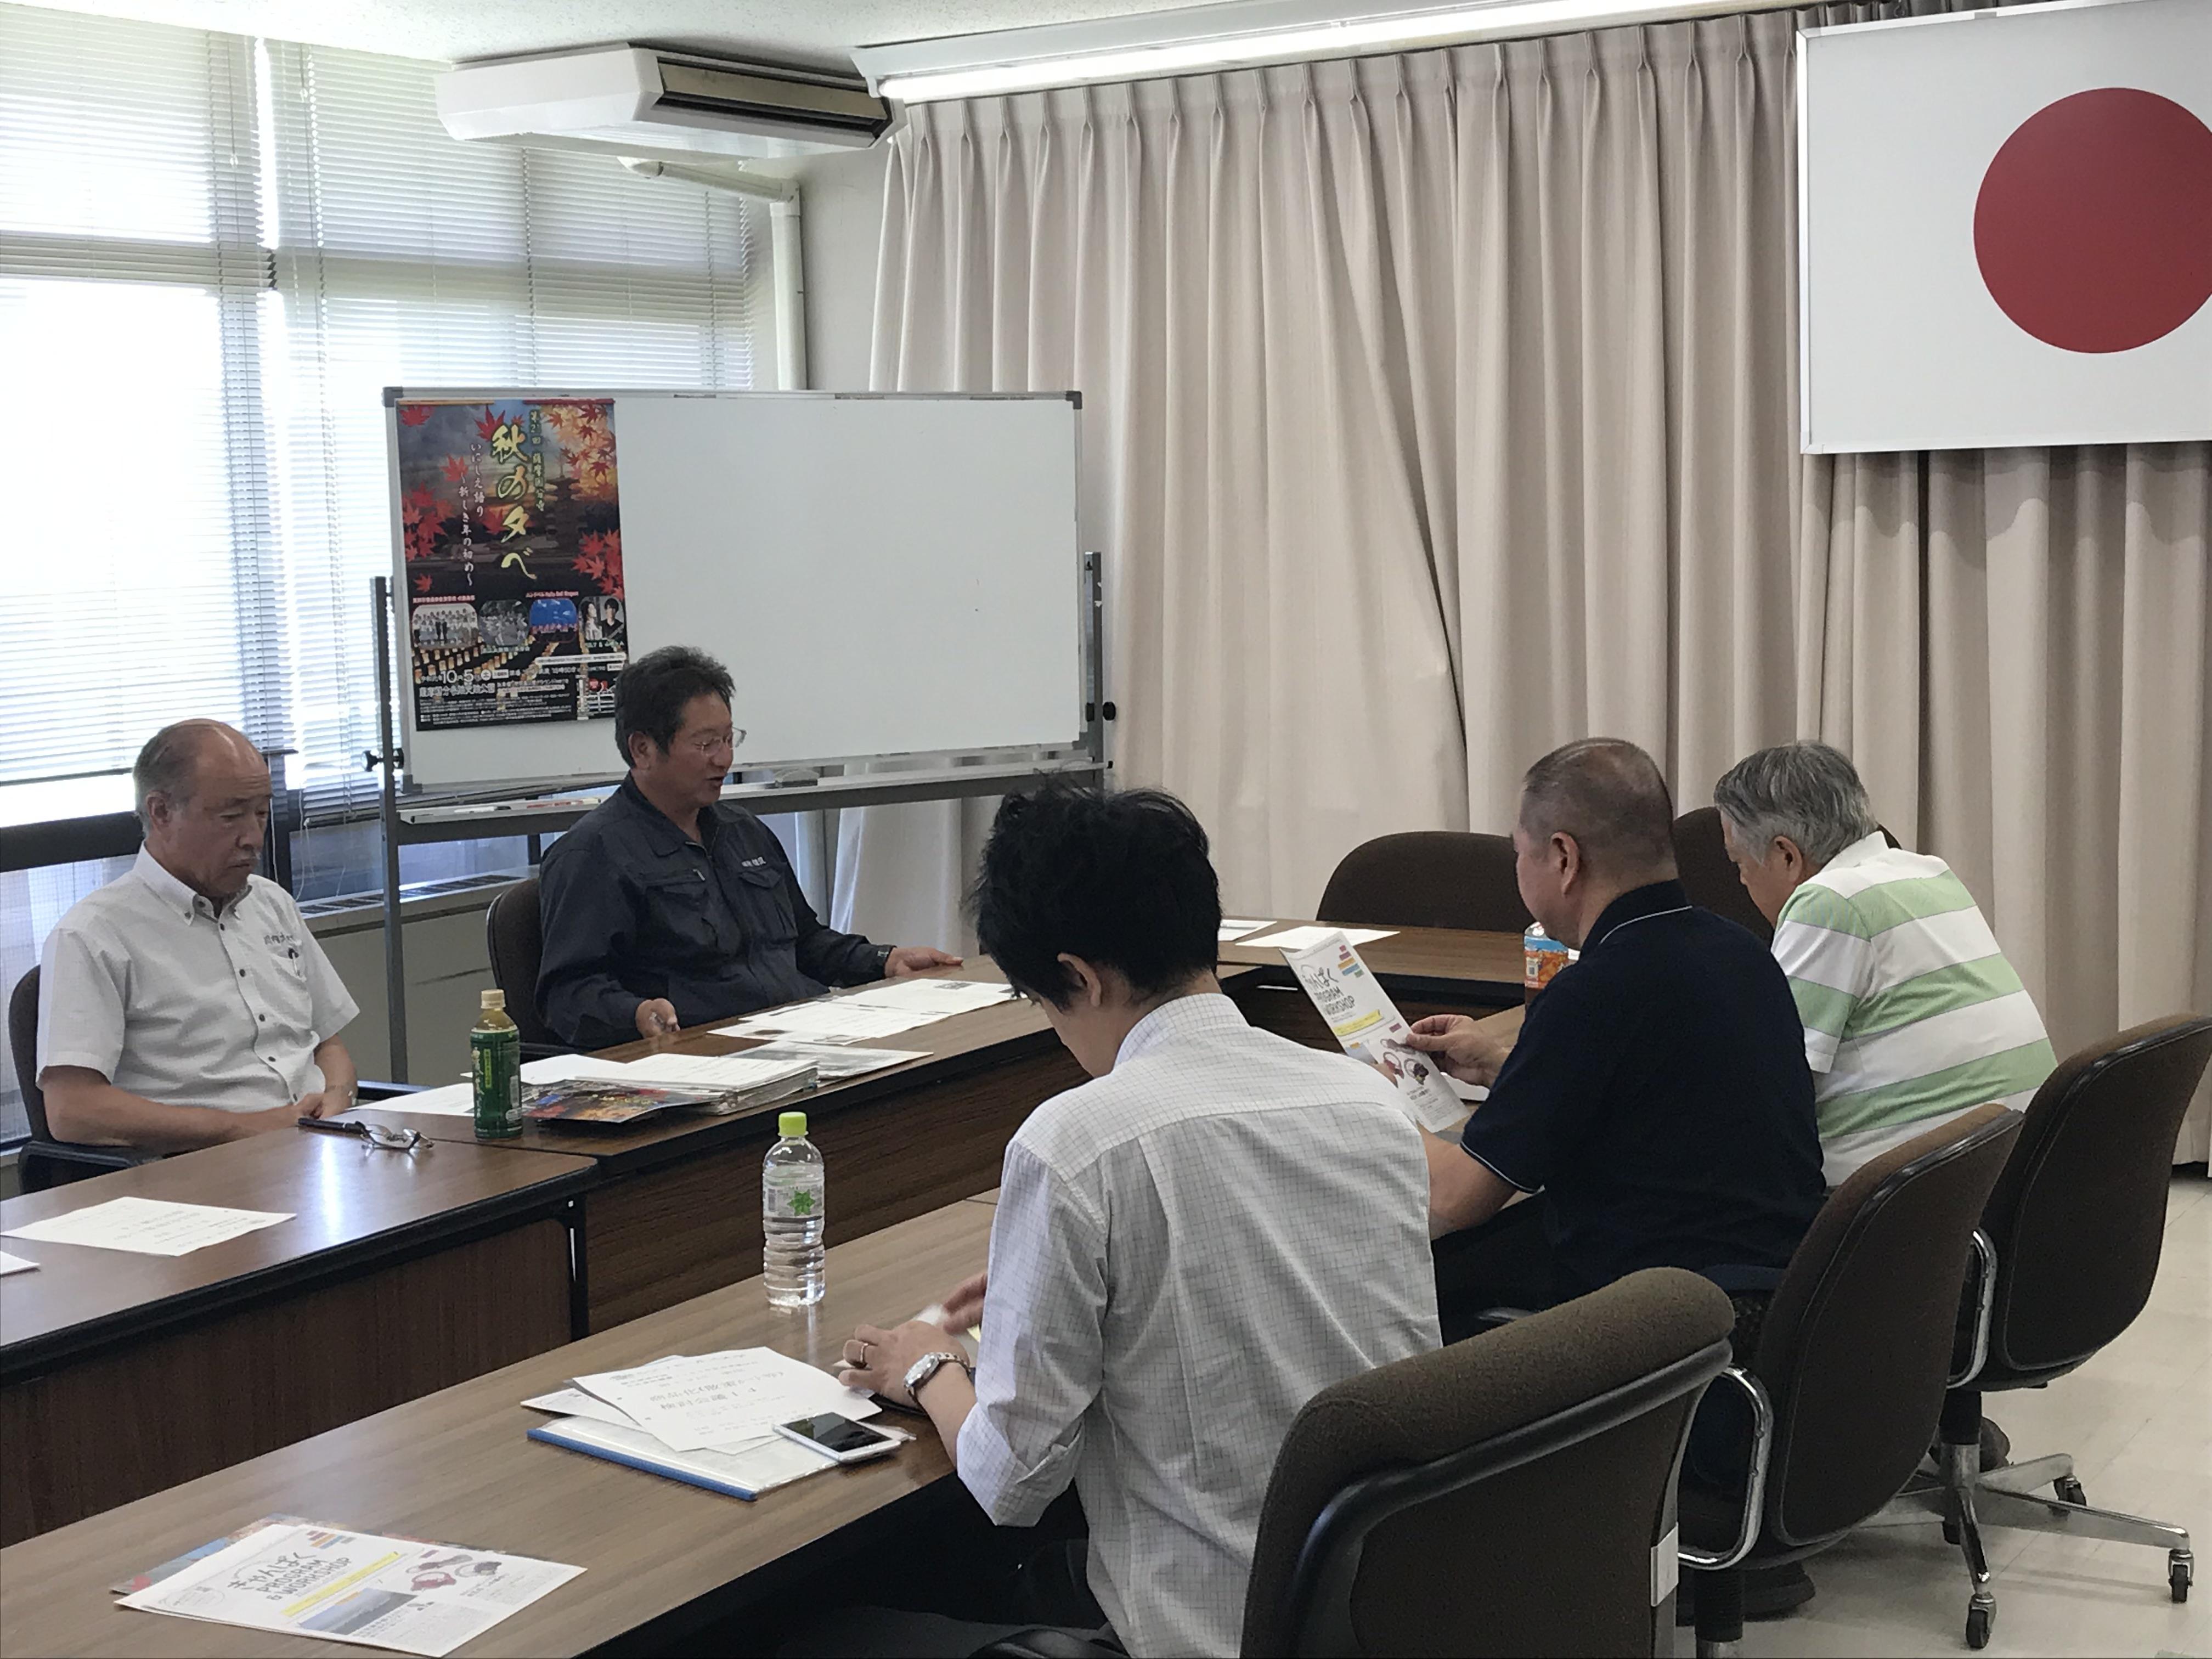 日本書紀編纂1300年記念事業学科 第20回講座開催のお知らせ